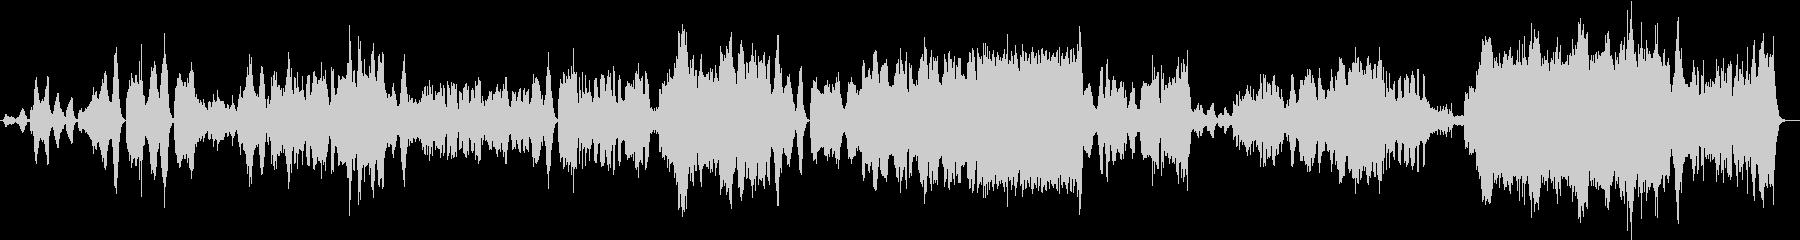 重厚かつ荘厳な管弦曲の未再生の波形